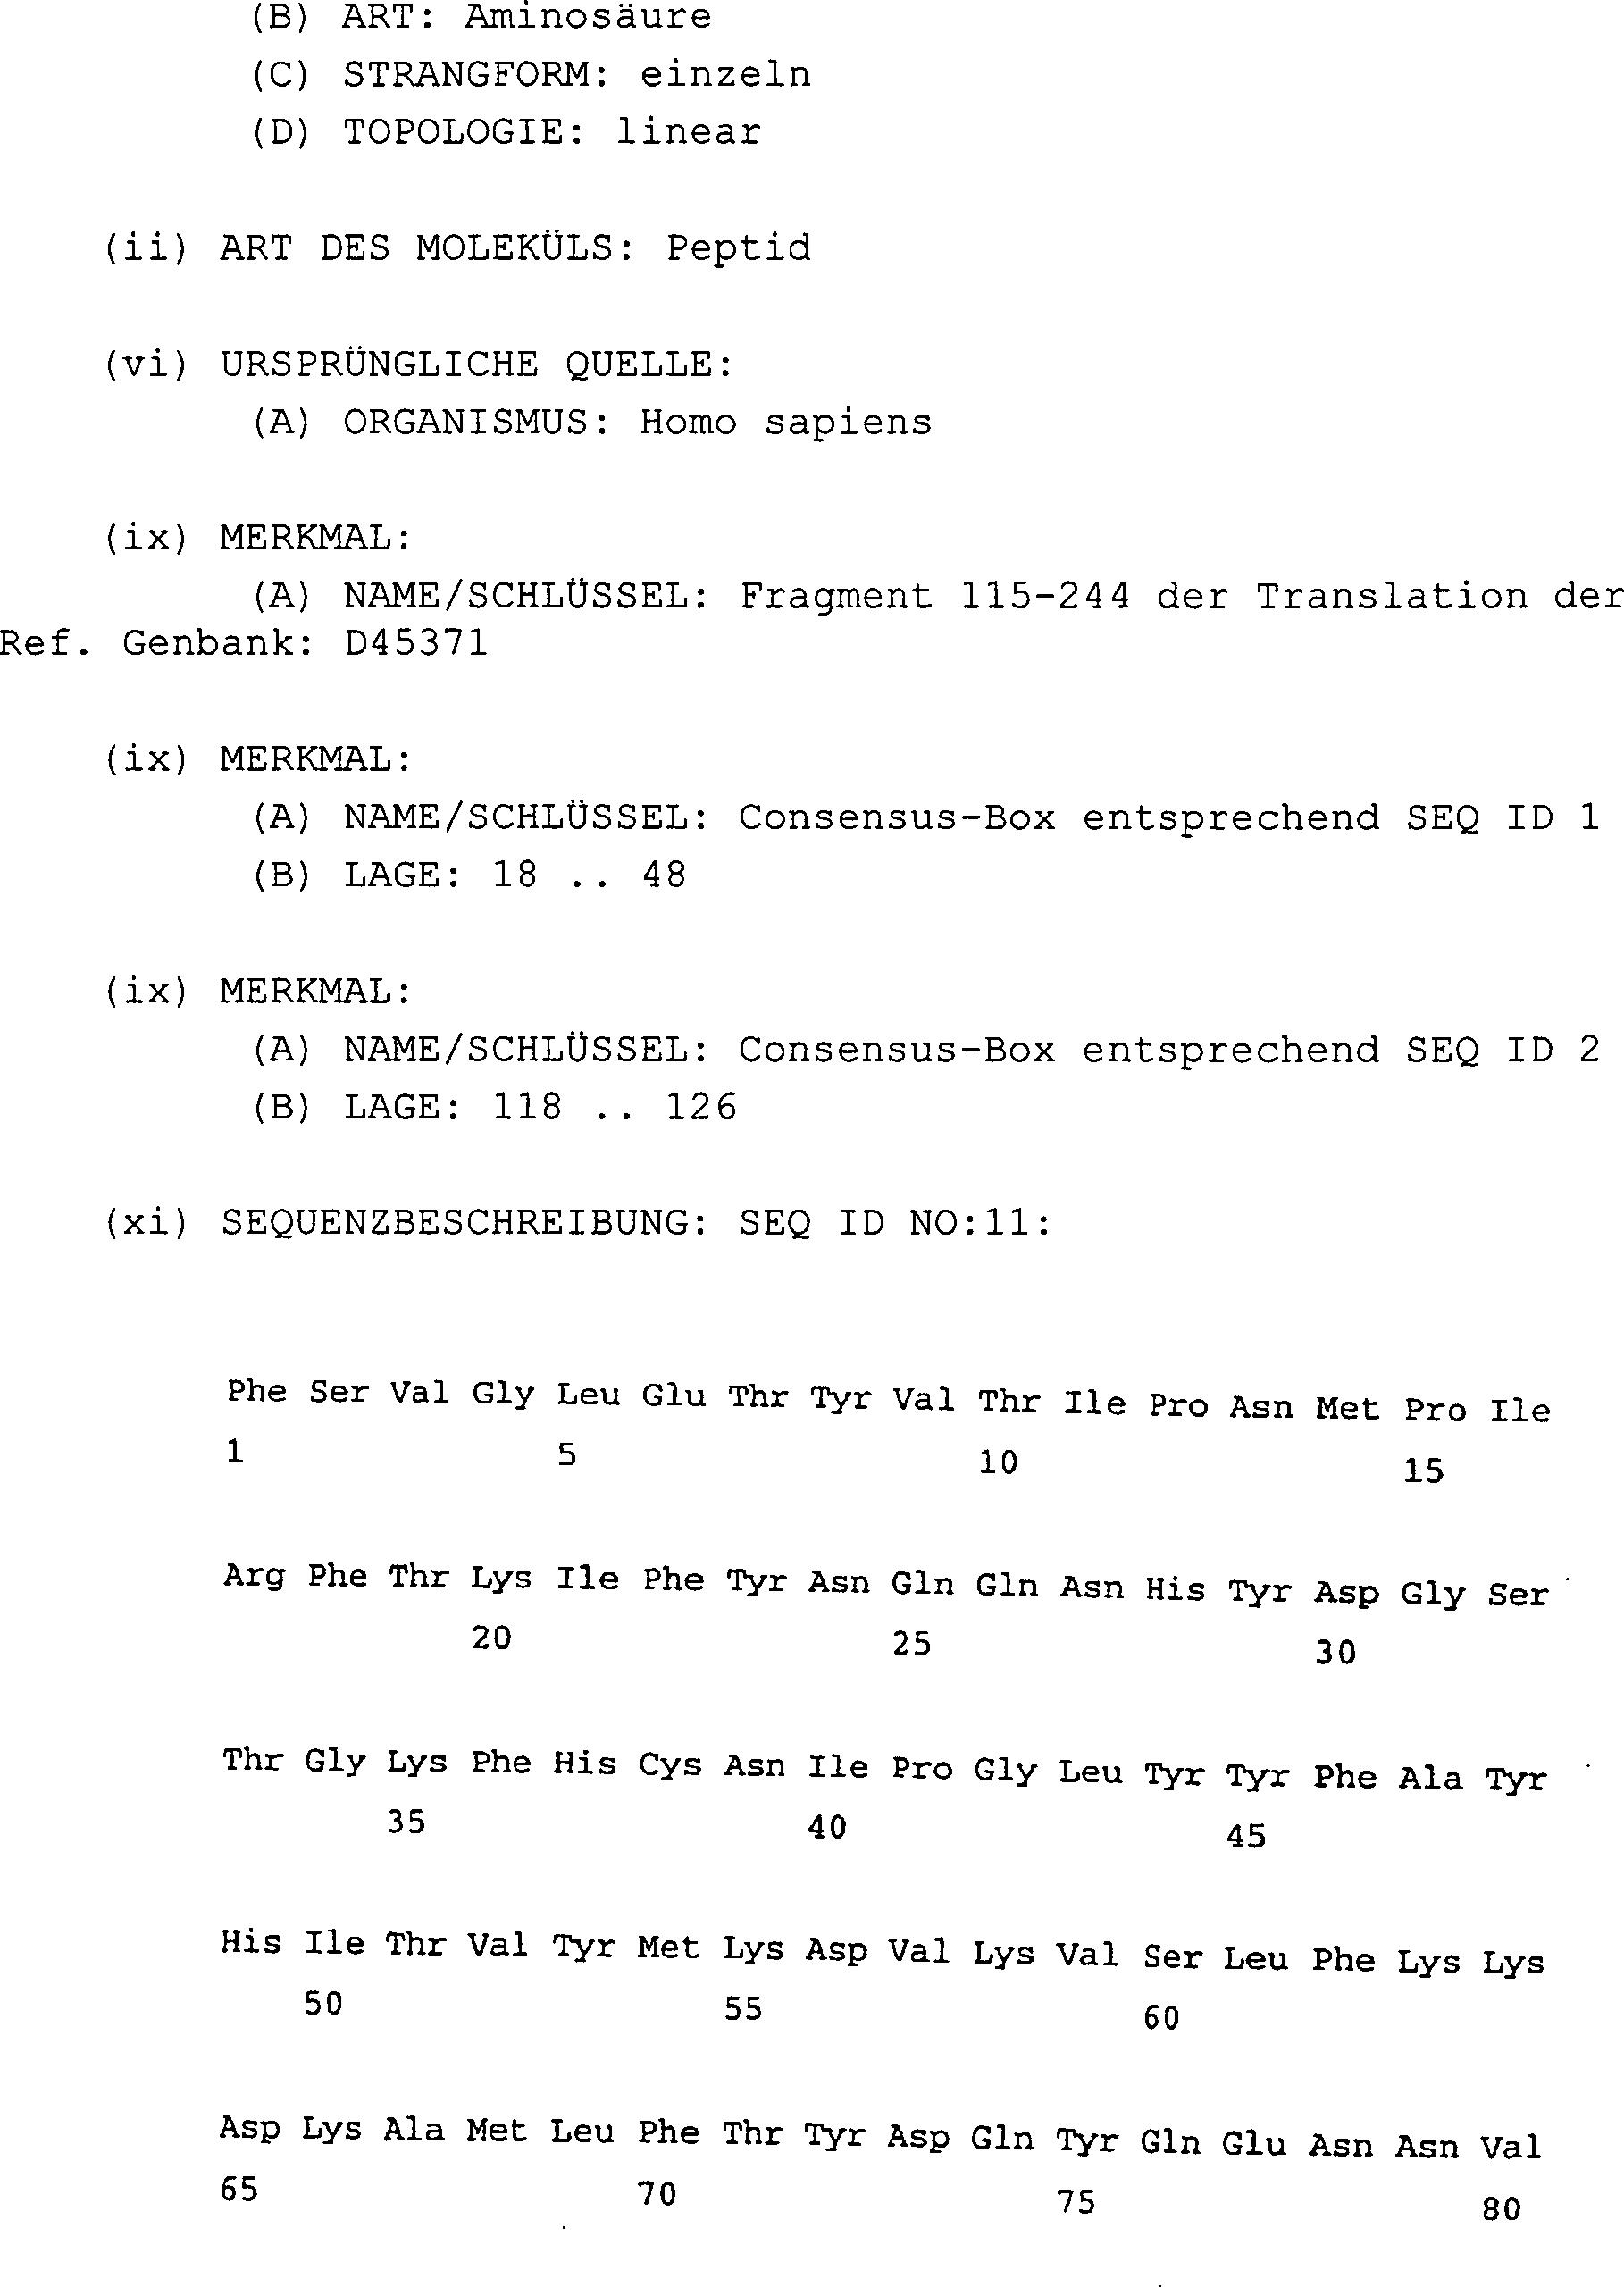 de69838720t2 lipoprotein regulating drug google patents  ubergewicht und diabetes chirurgische therapie eroffnet neue wege #9